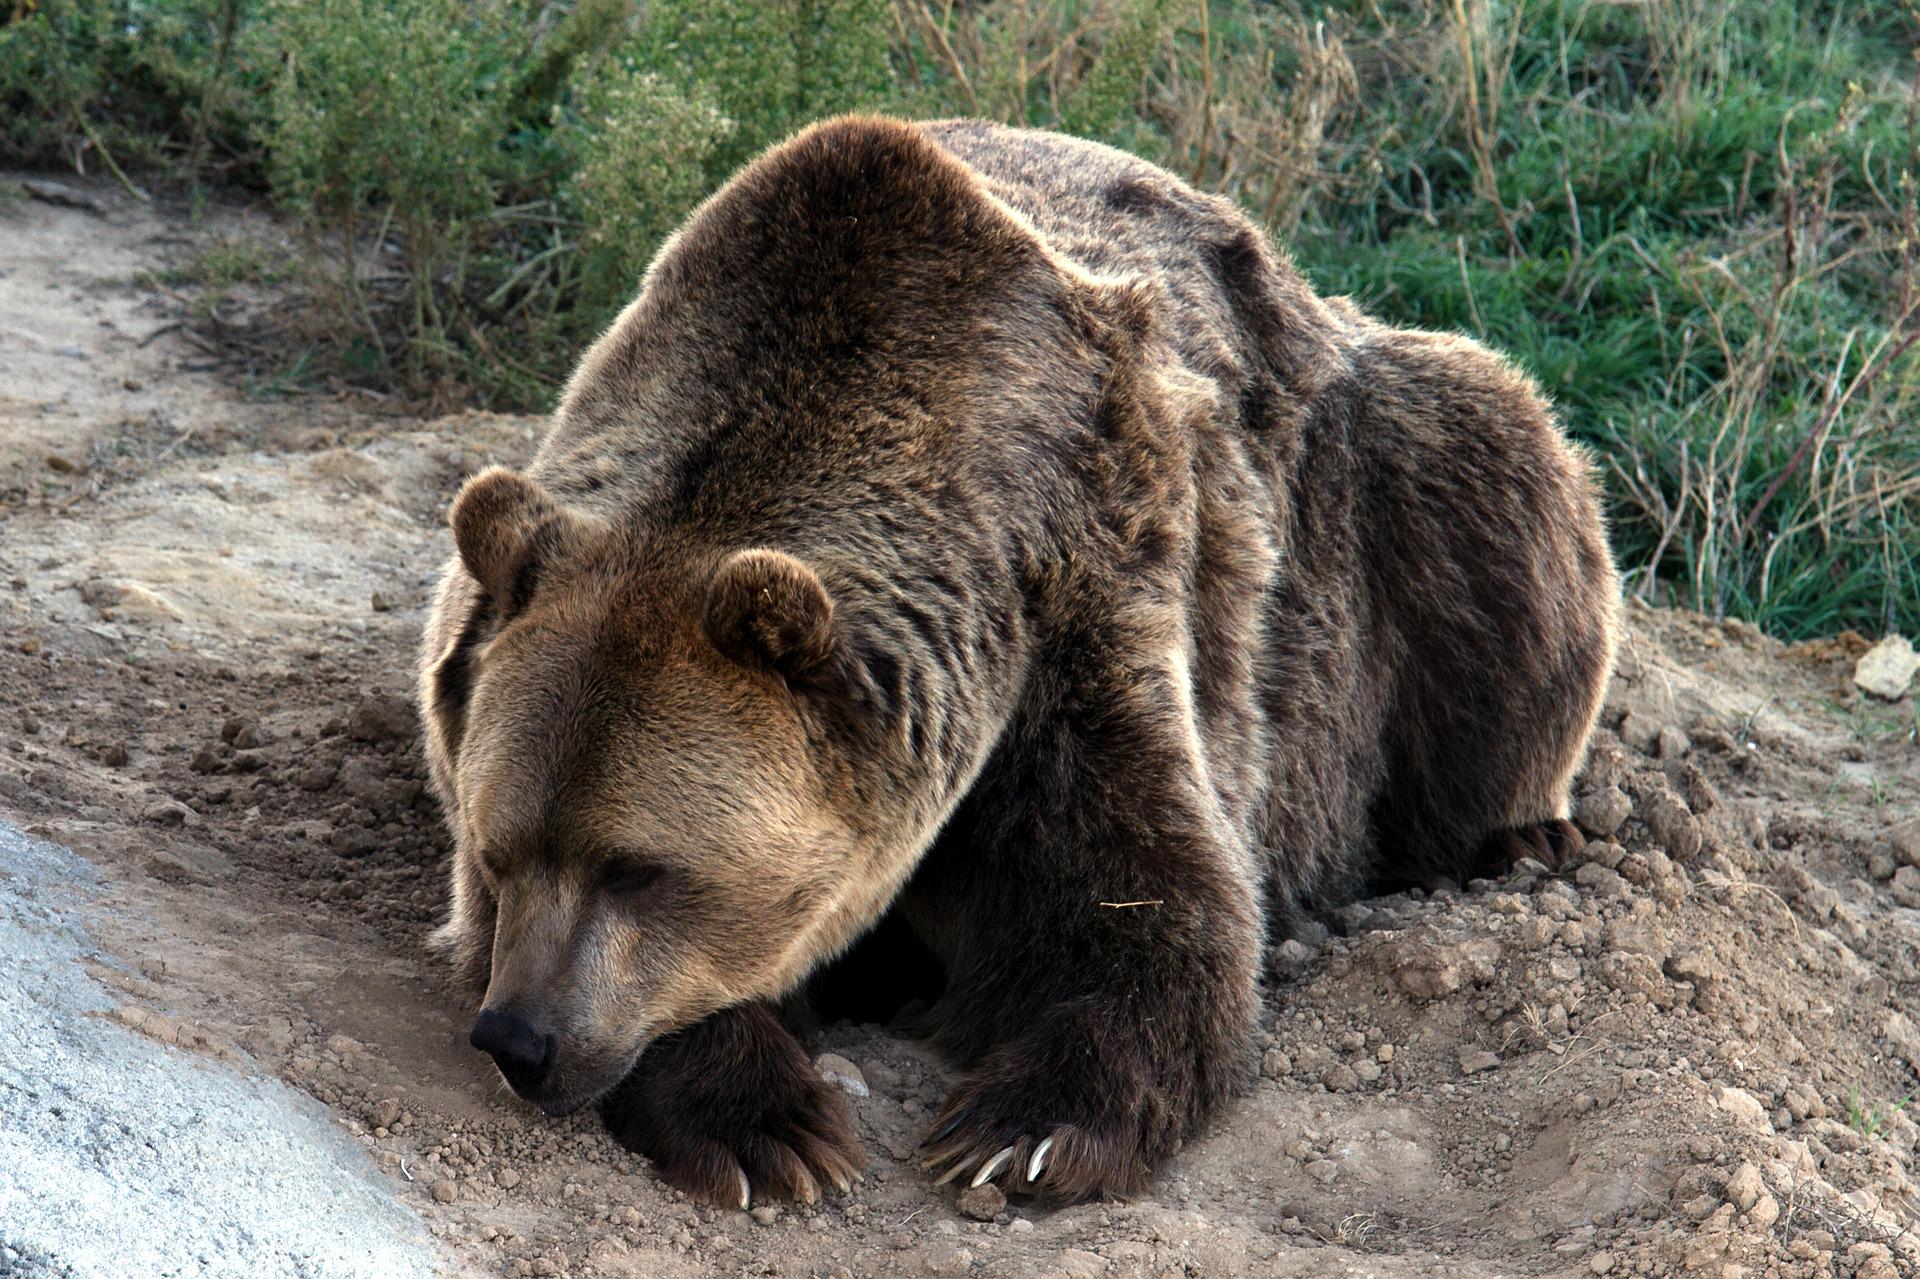 Nadchodzi zima - niedźwiedzia rodzina szykuje się do snu [VIDEO] - Zdjęcie główne